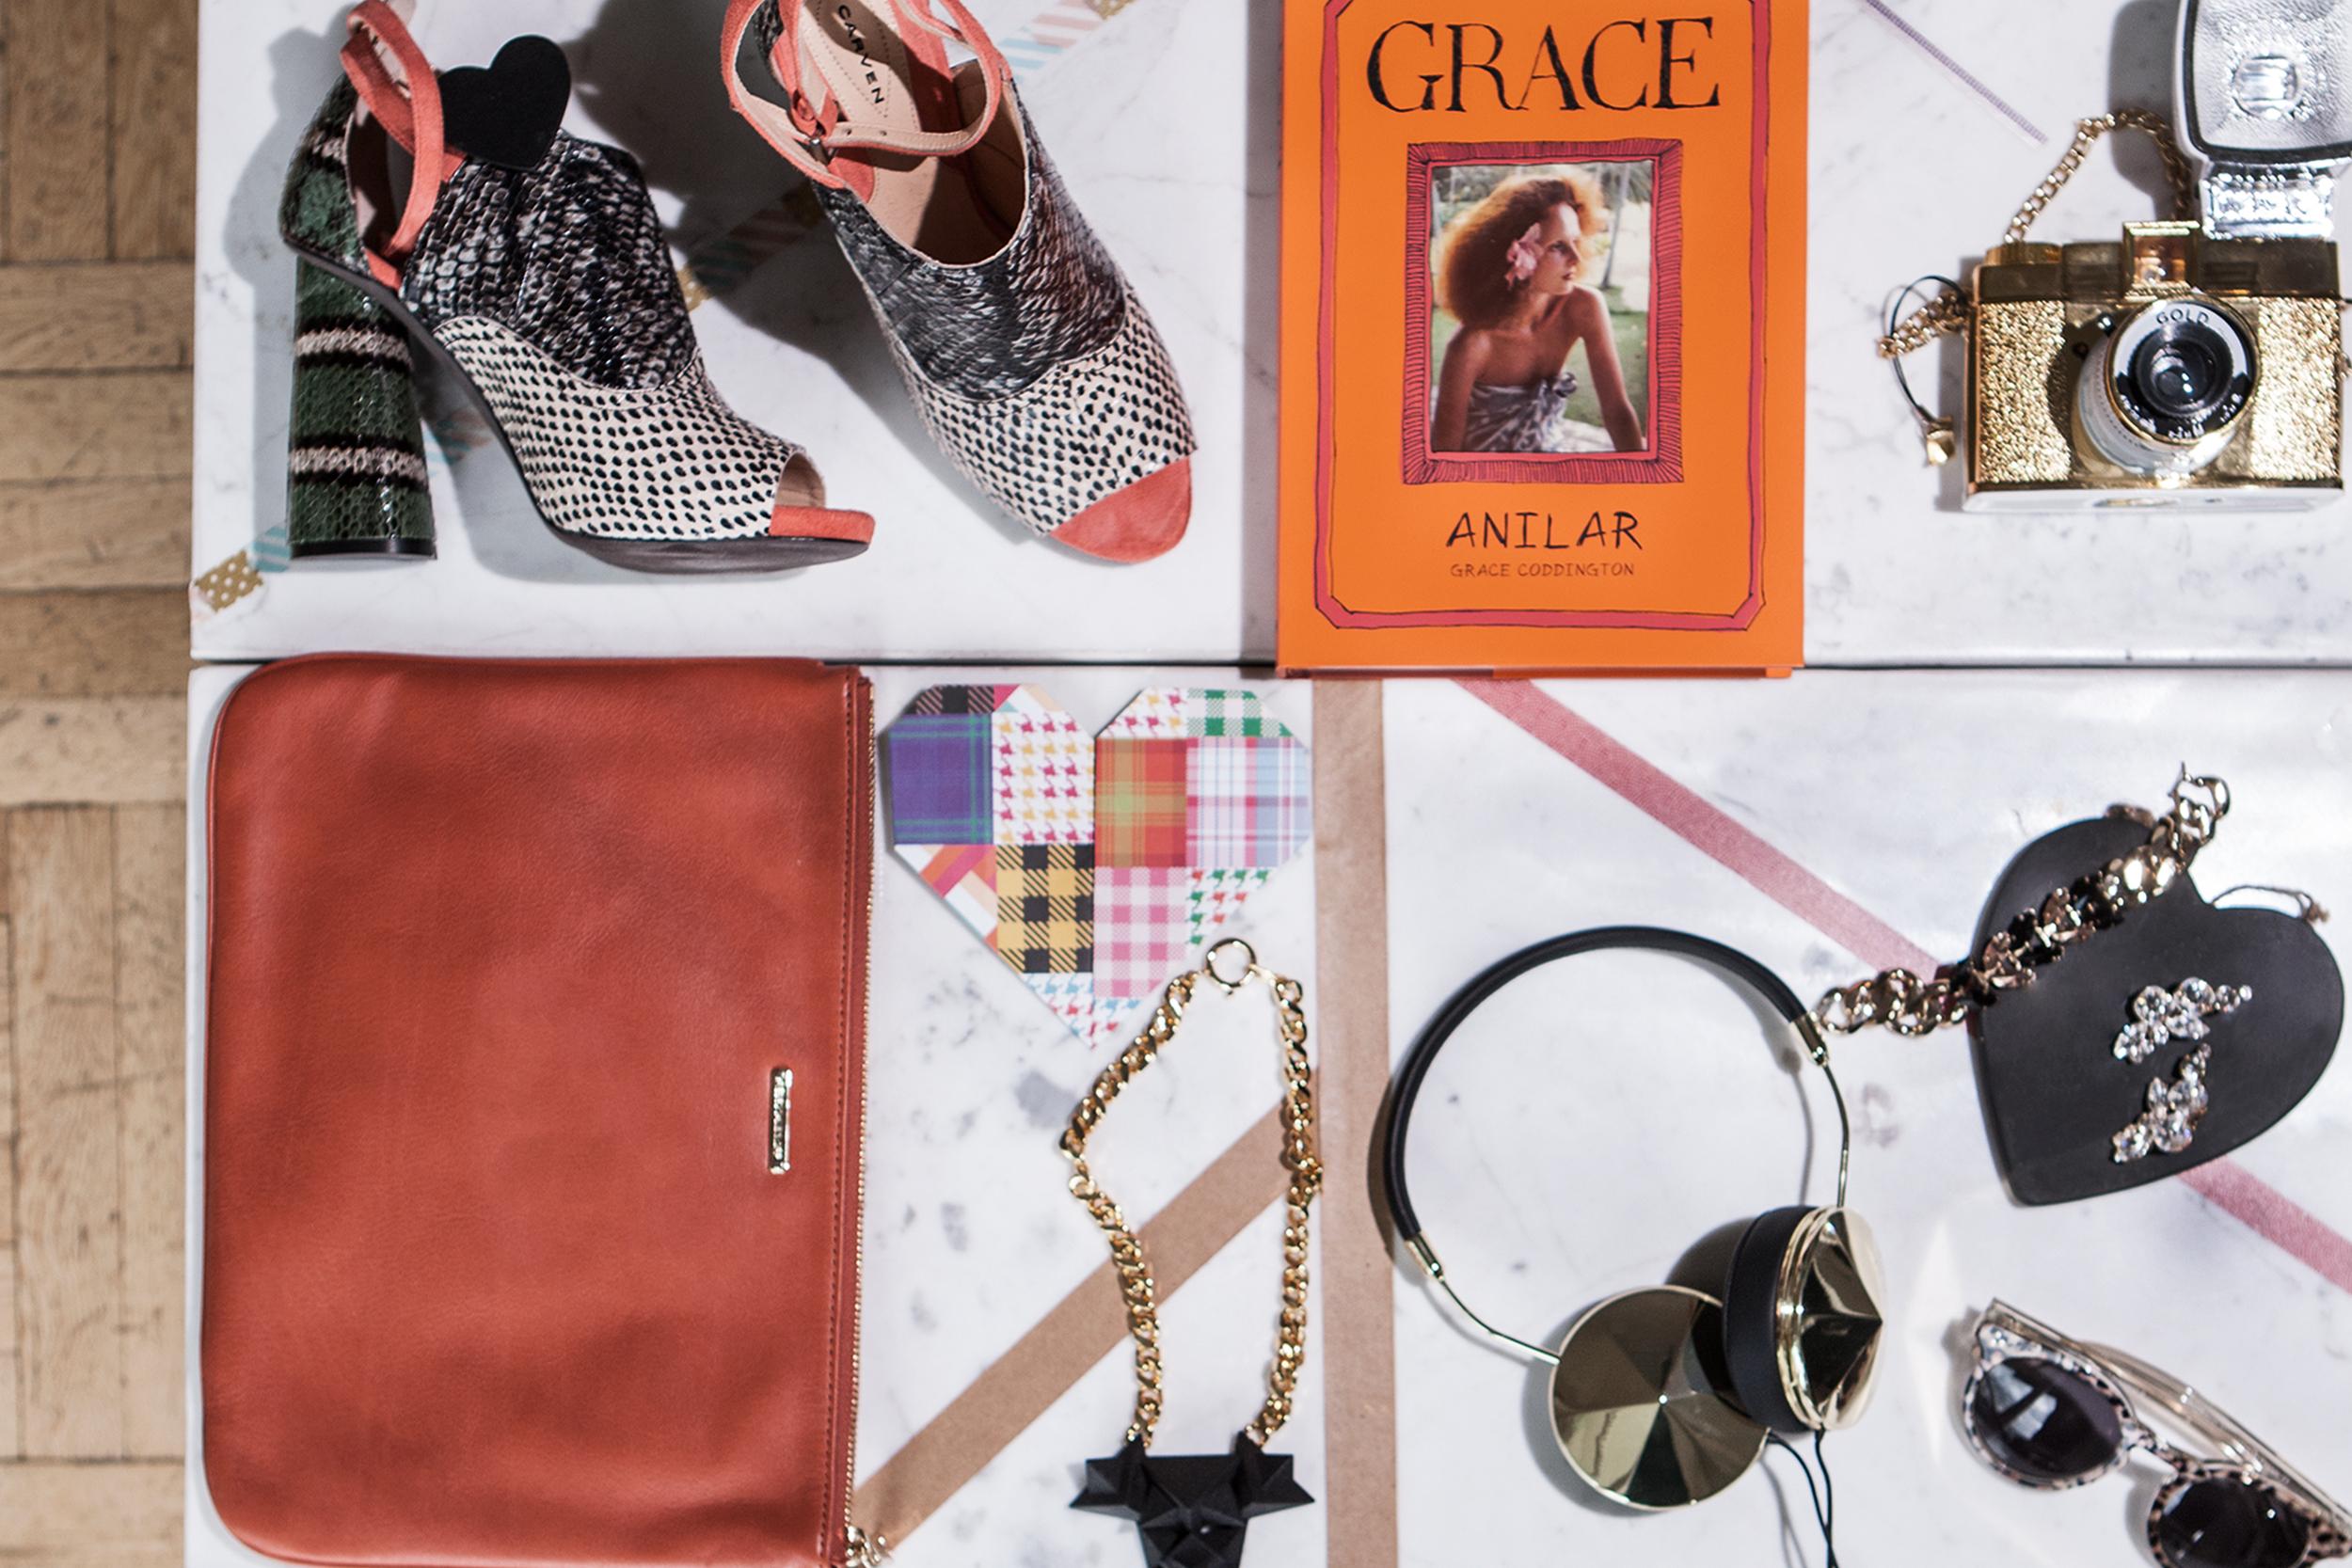 offnegiysem, billur saatci, turkish blogger, shopigo, valentine's day, online shopping, give away,